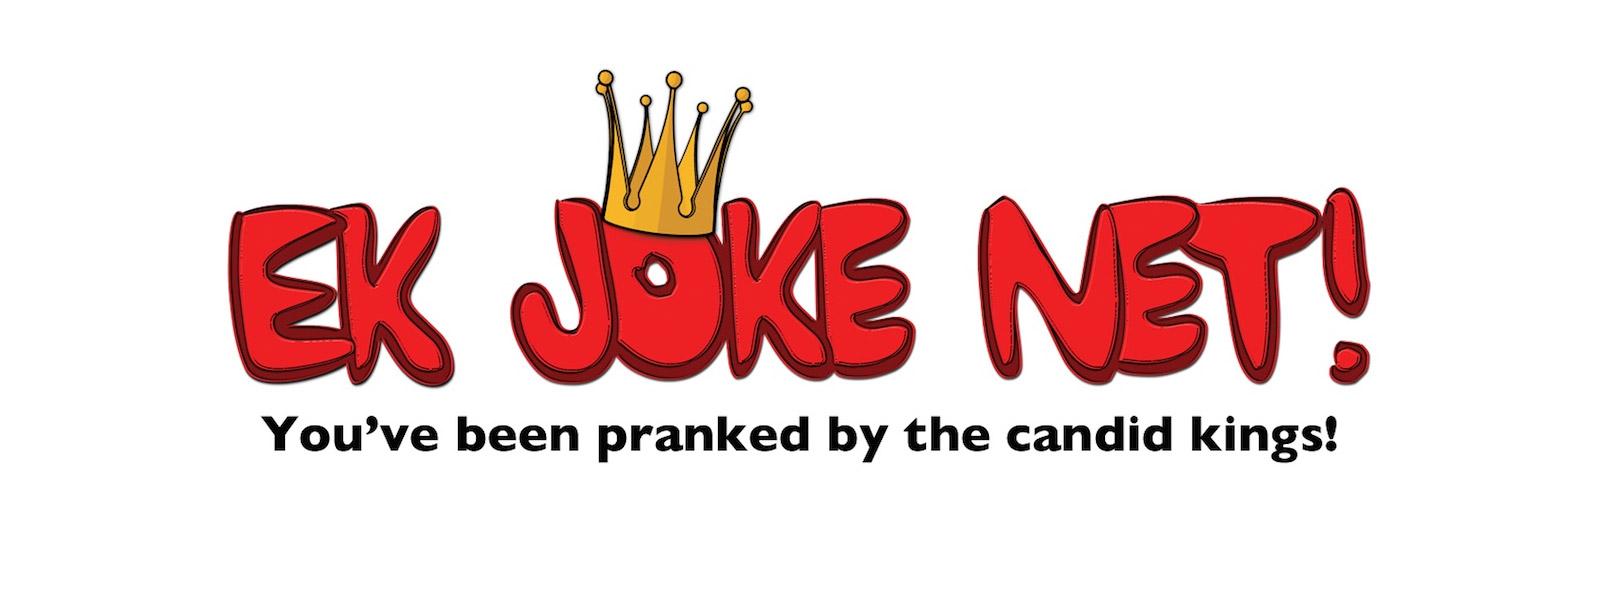 Watch Ek Joke Net 2 Online